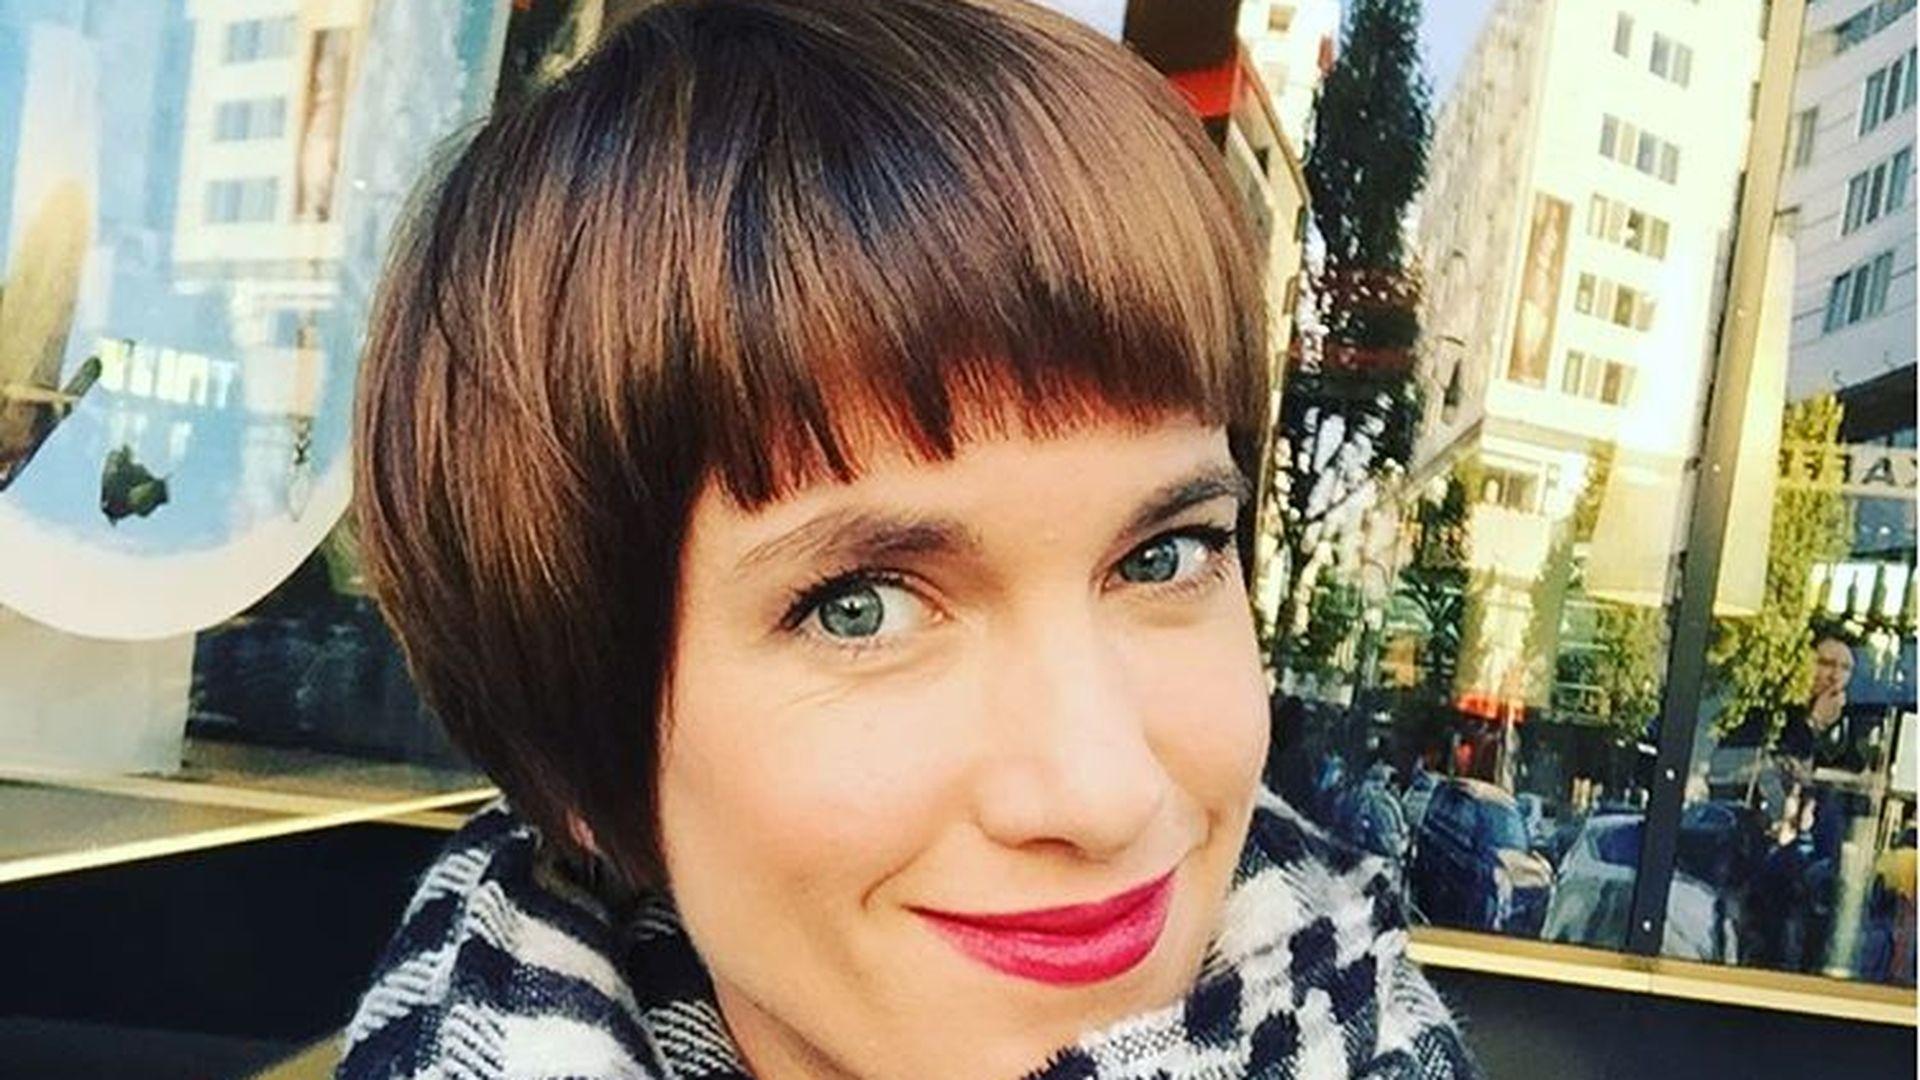 Stil Wandel Isabell Horn Zeigt Ihre Neue Helmfrisur! Promiflash De